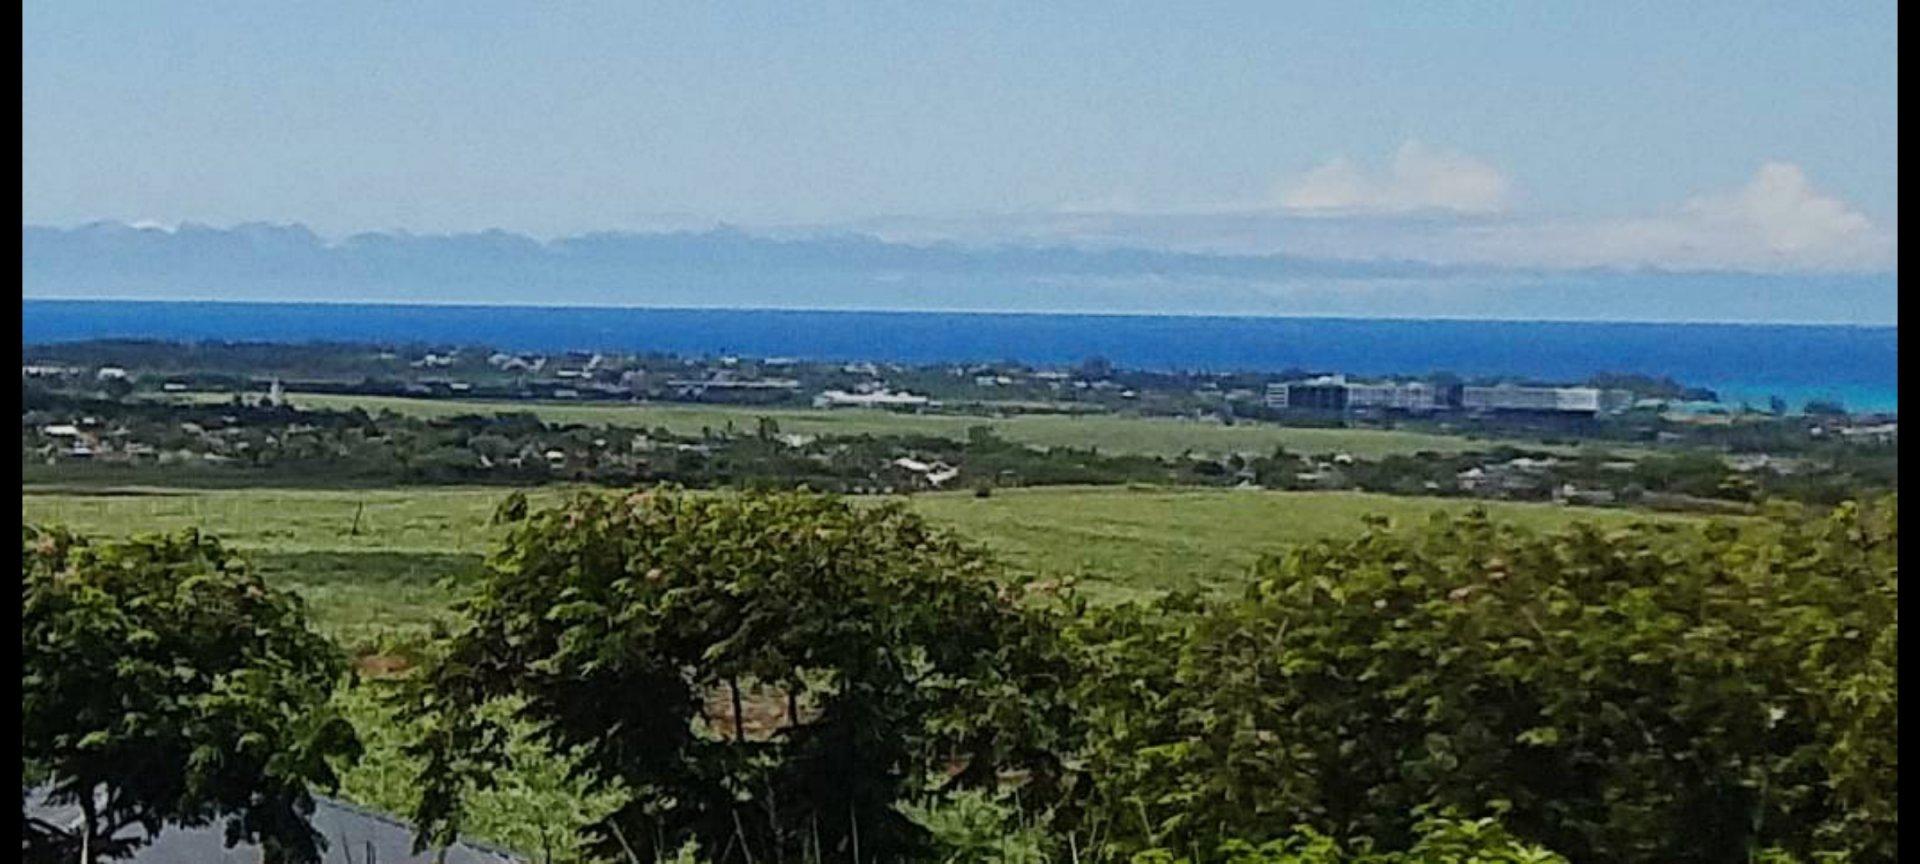 Terrain unique avec vue montagne et mer !